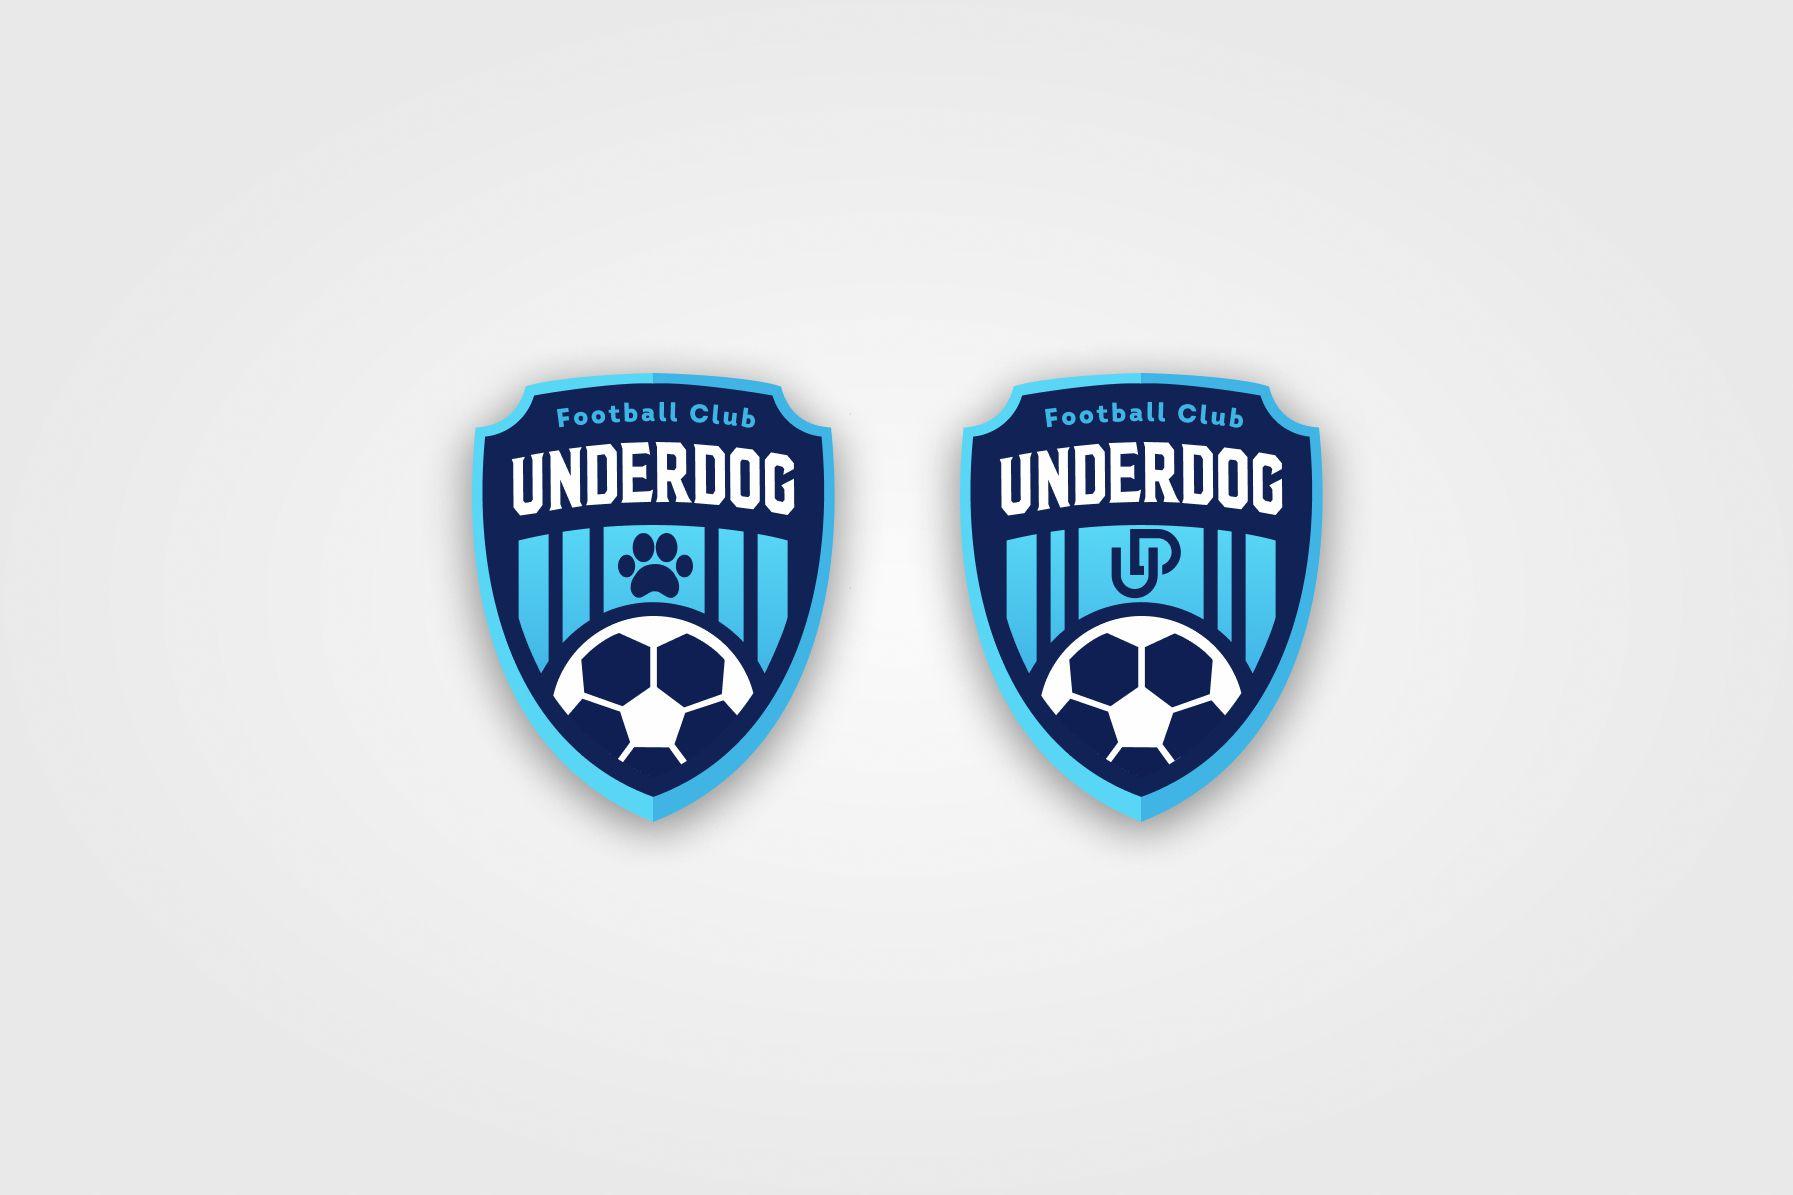 Футбольный клуб UNDERDOG - разработать фирстиль и бренд-бук фото f_3105cb45f7da1e01.jpg